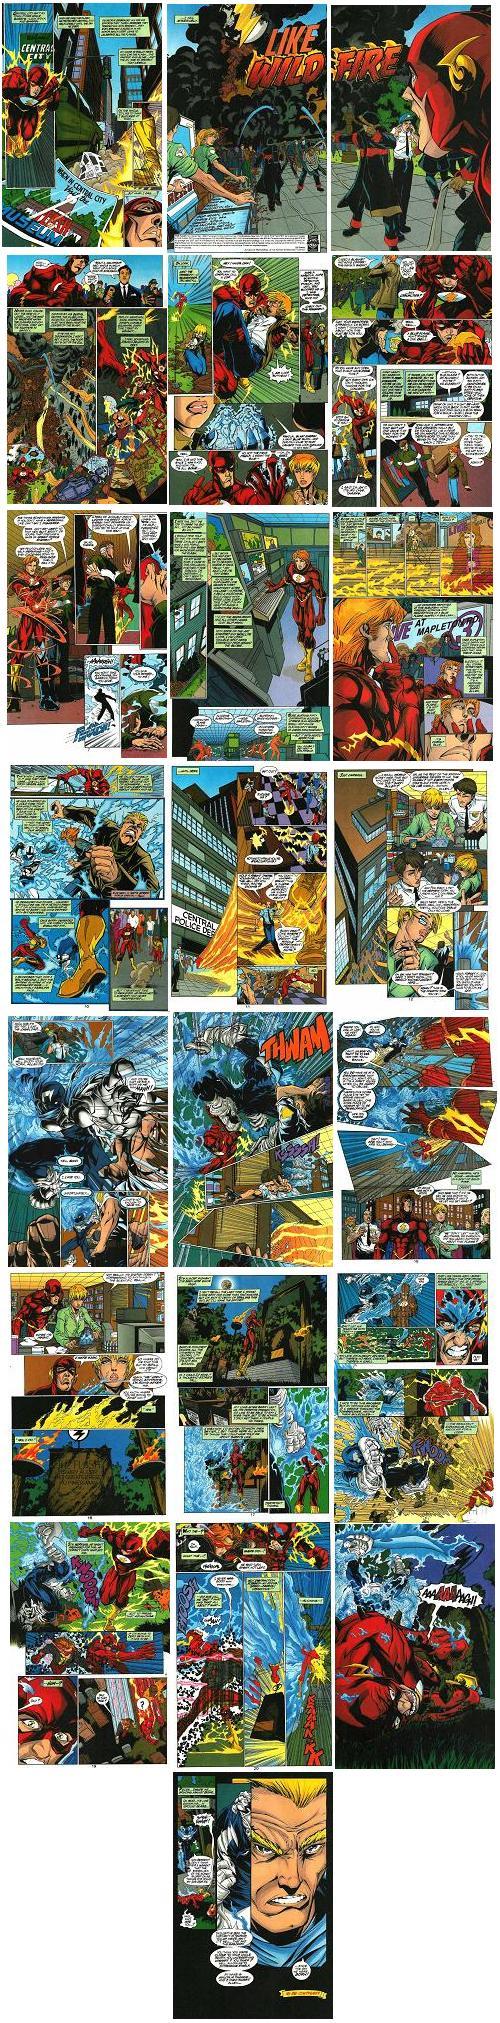 Flash 143 versión DC